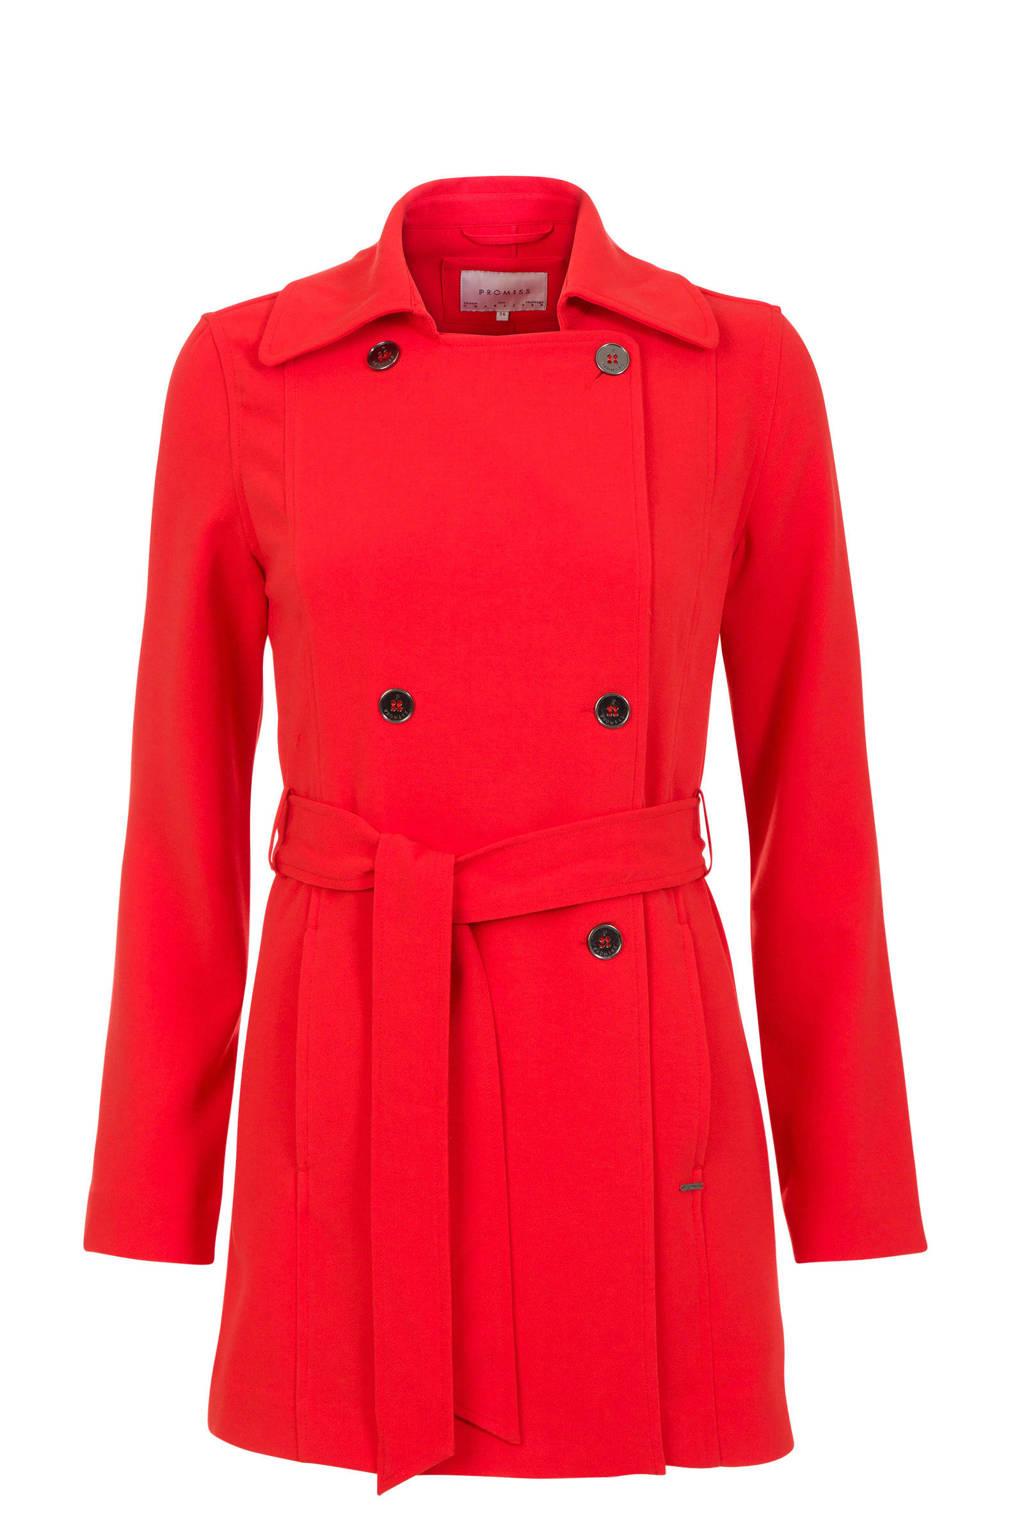 Promiss jas rood, Rood